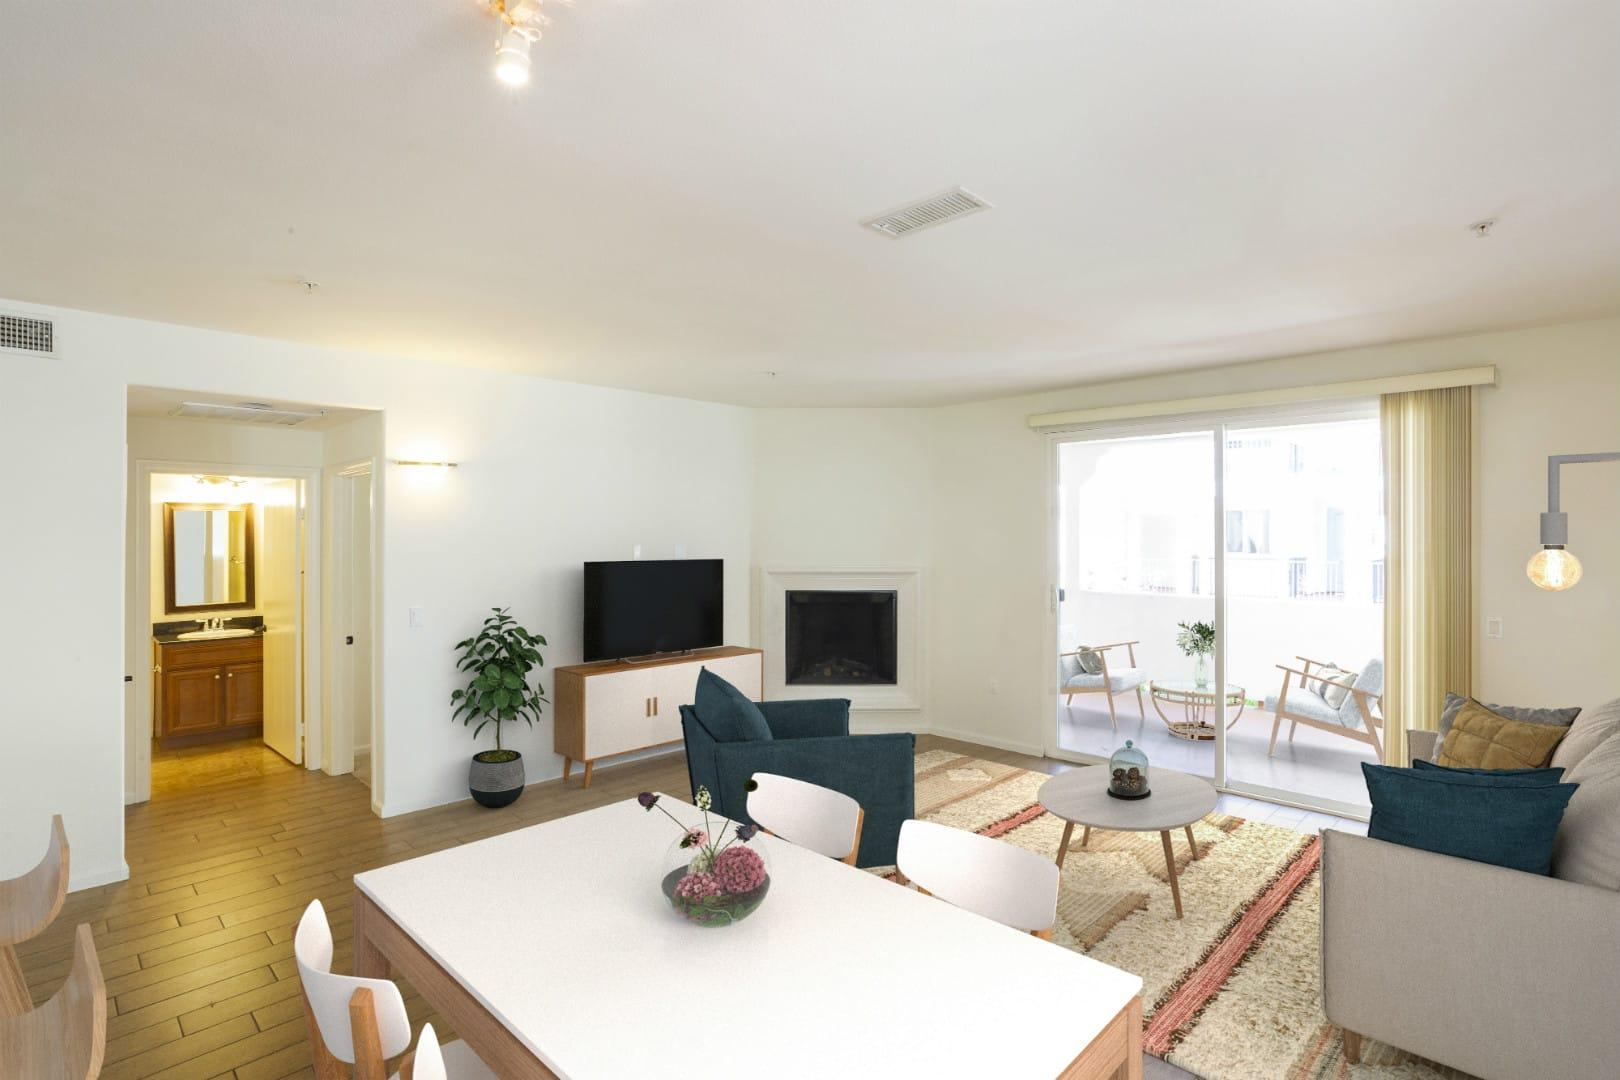 Deels_Le_Blanc_Apartment_Homes_Woodland_Hills_Living